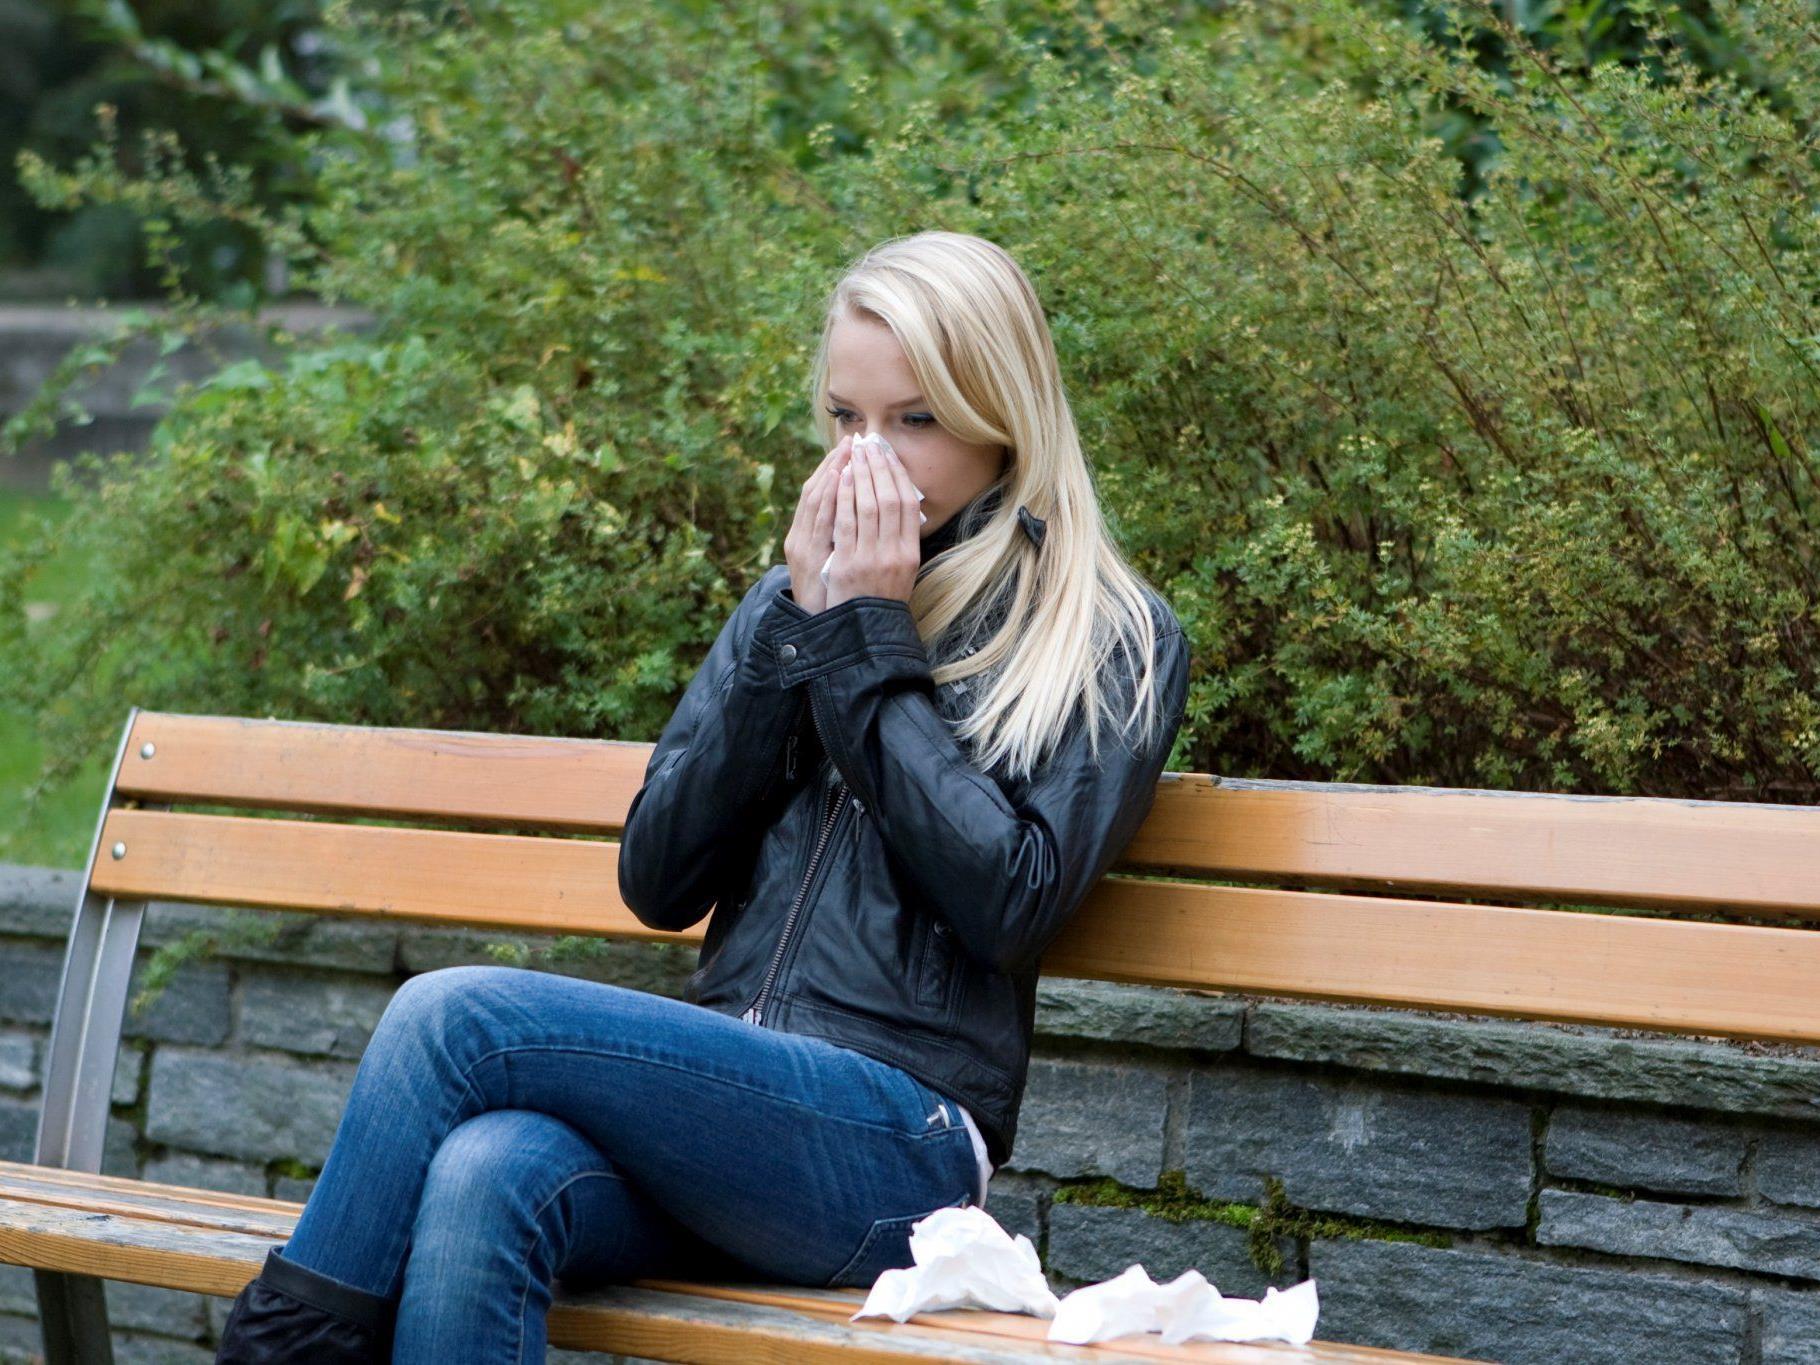 Vorarlberg: Hauptsächlich grippale Infekte bzw. Atemwegserkrankungen.